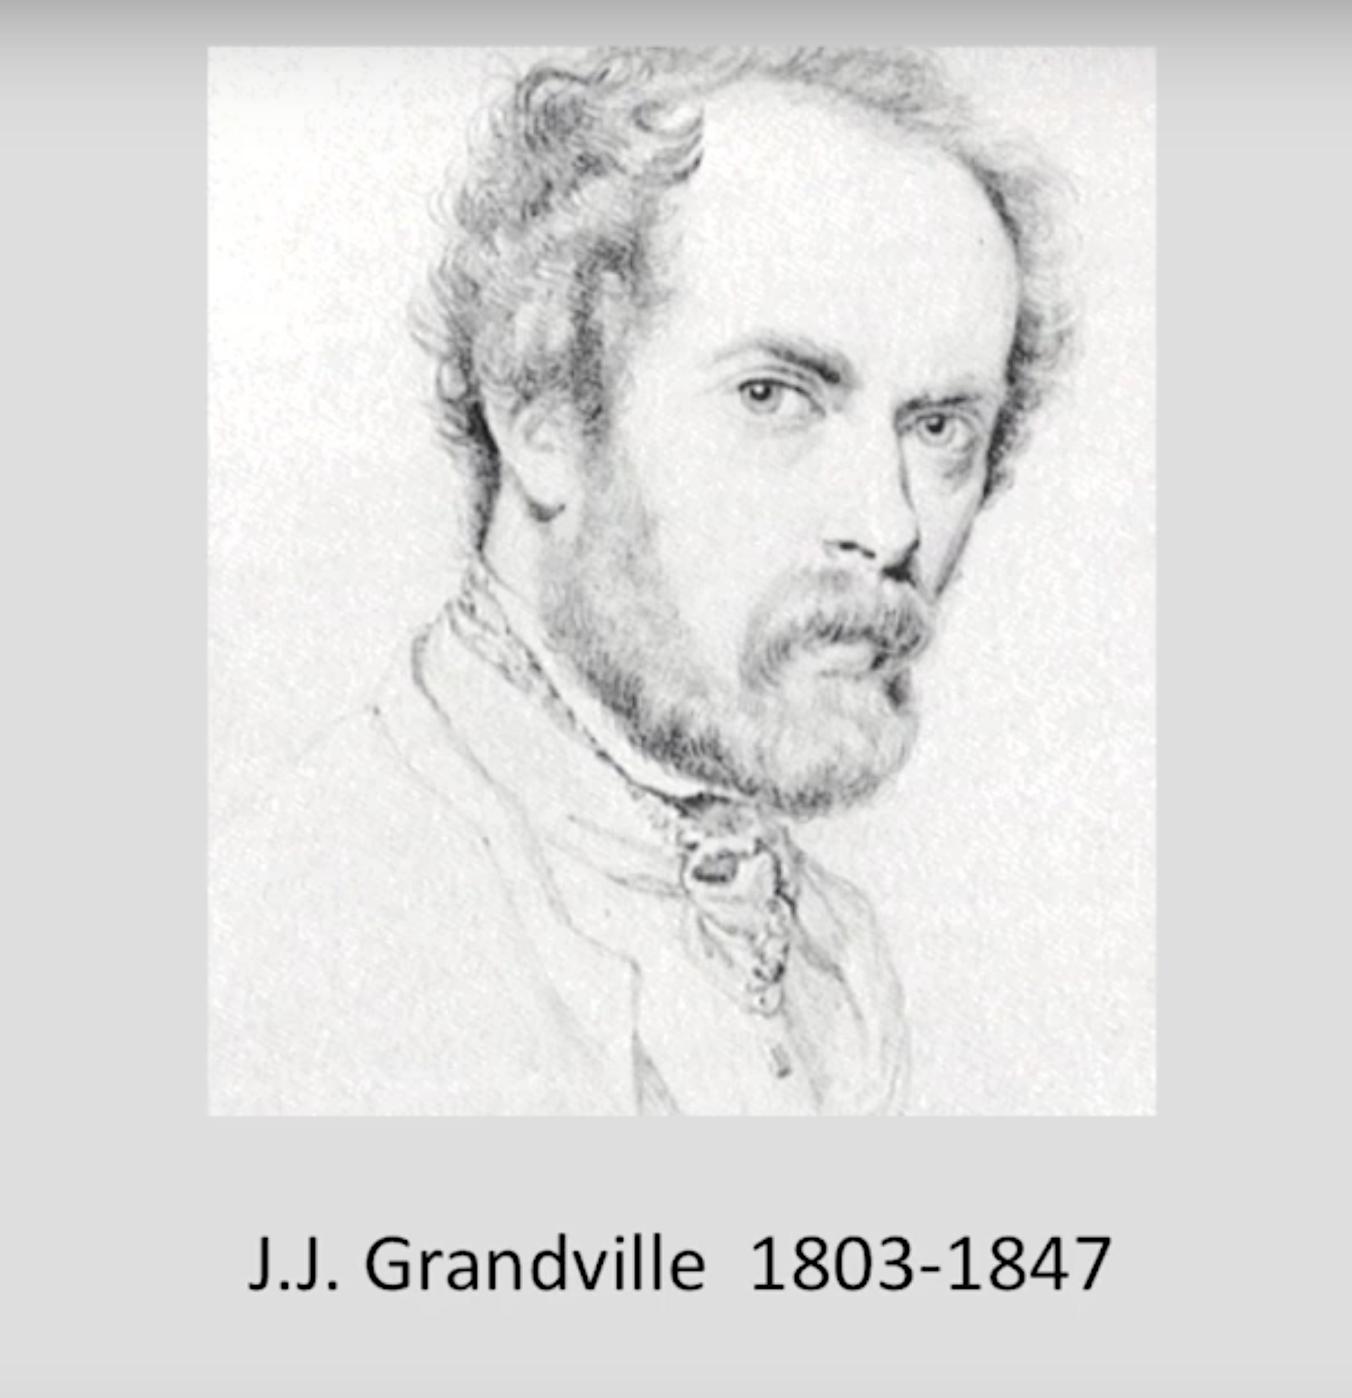 Grandville portrait